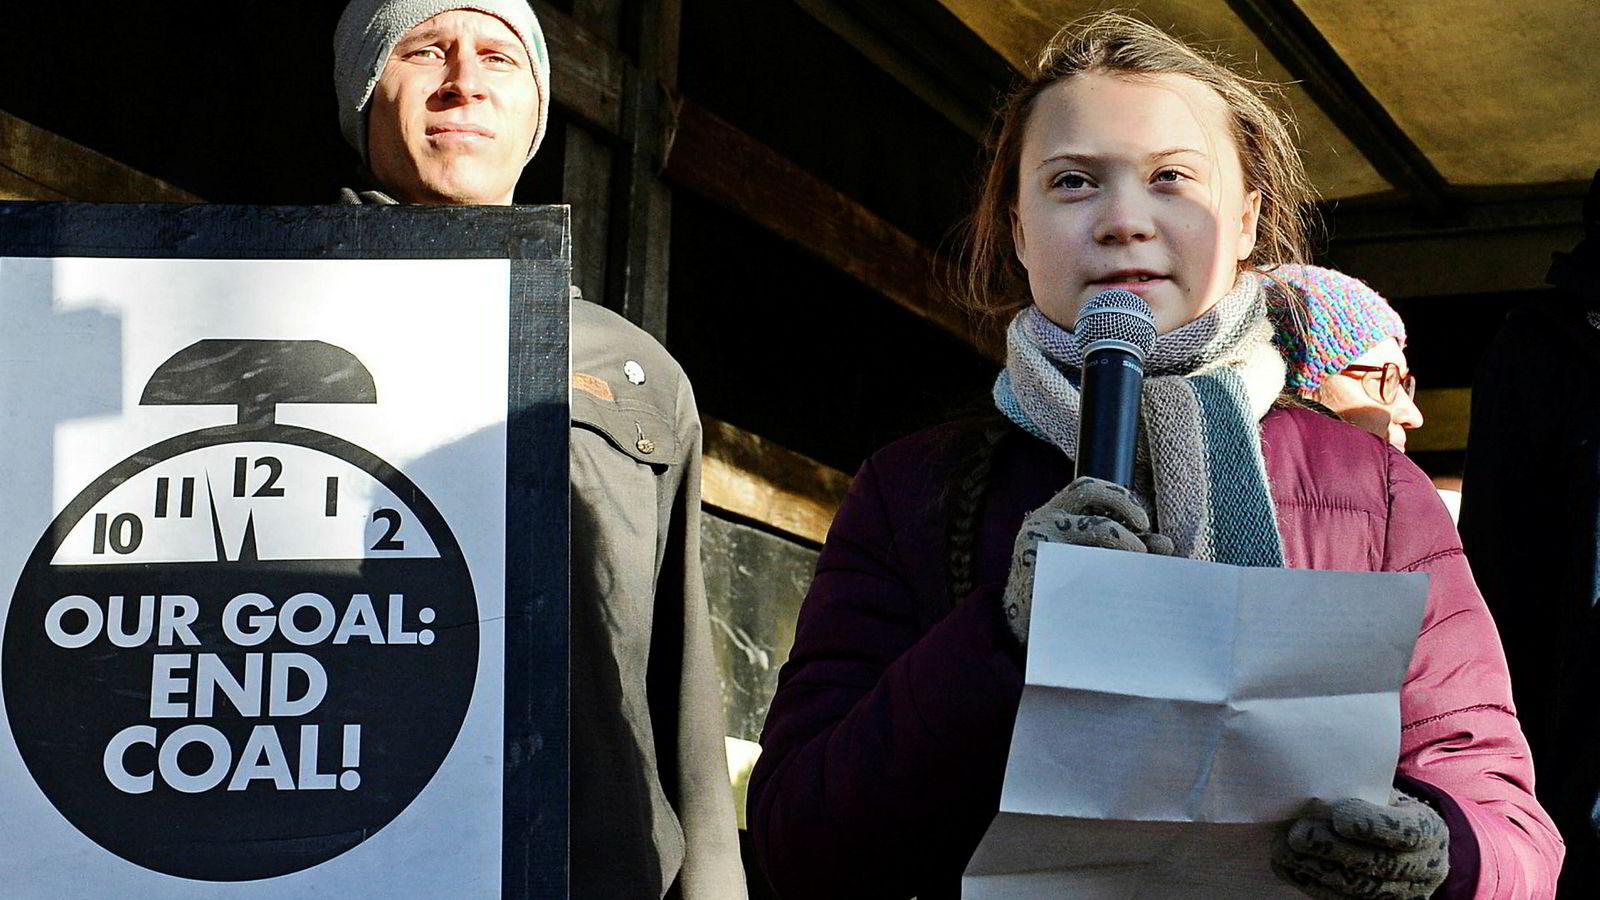 15 år gamle Greta Thunberg ble kjent verden over da hun skolestreiket for klima under den svenske valgkampen i høst. Her holder hun appell under klimamøtet som har pågått i Katowice i Polen de siste to ukene.